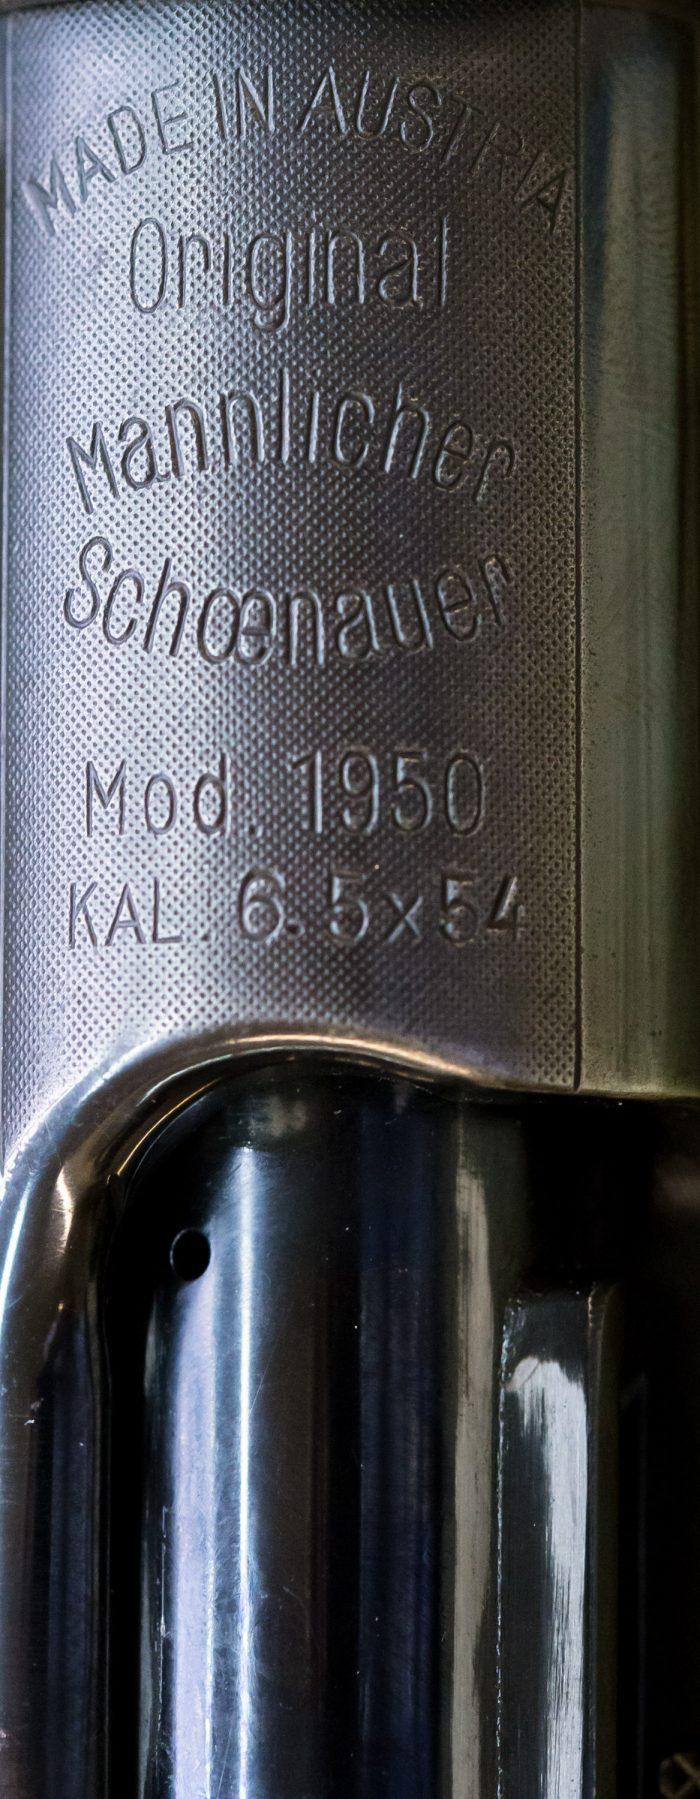 Mannlicher Schšönauer Mod. 1950, Caliber 6,5x54